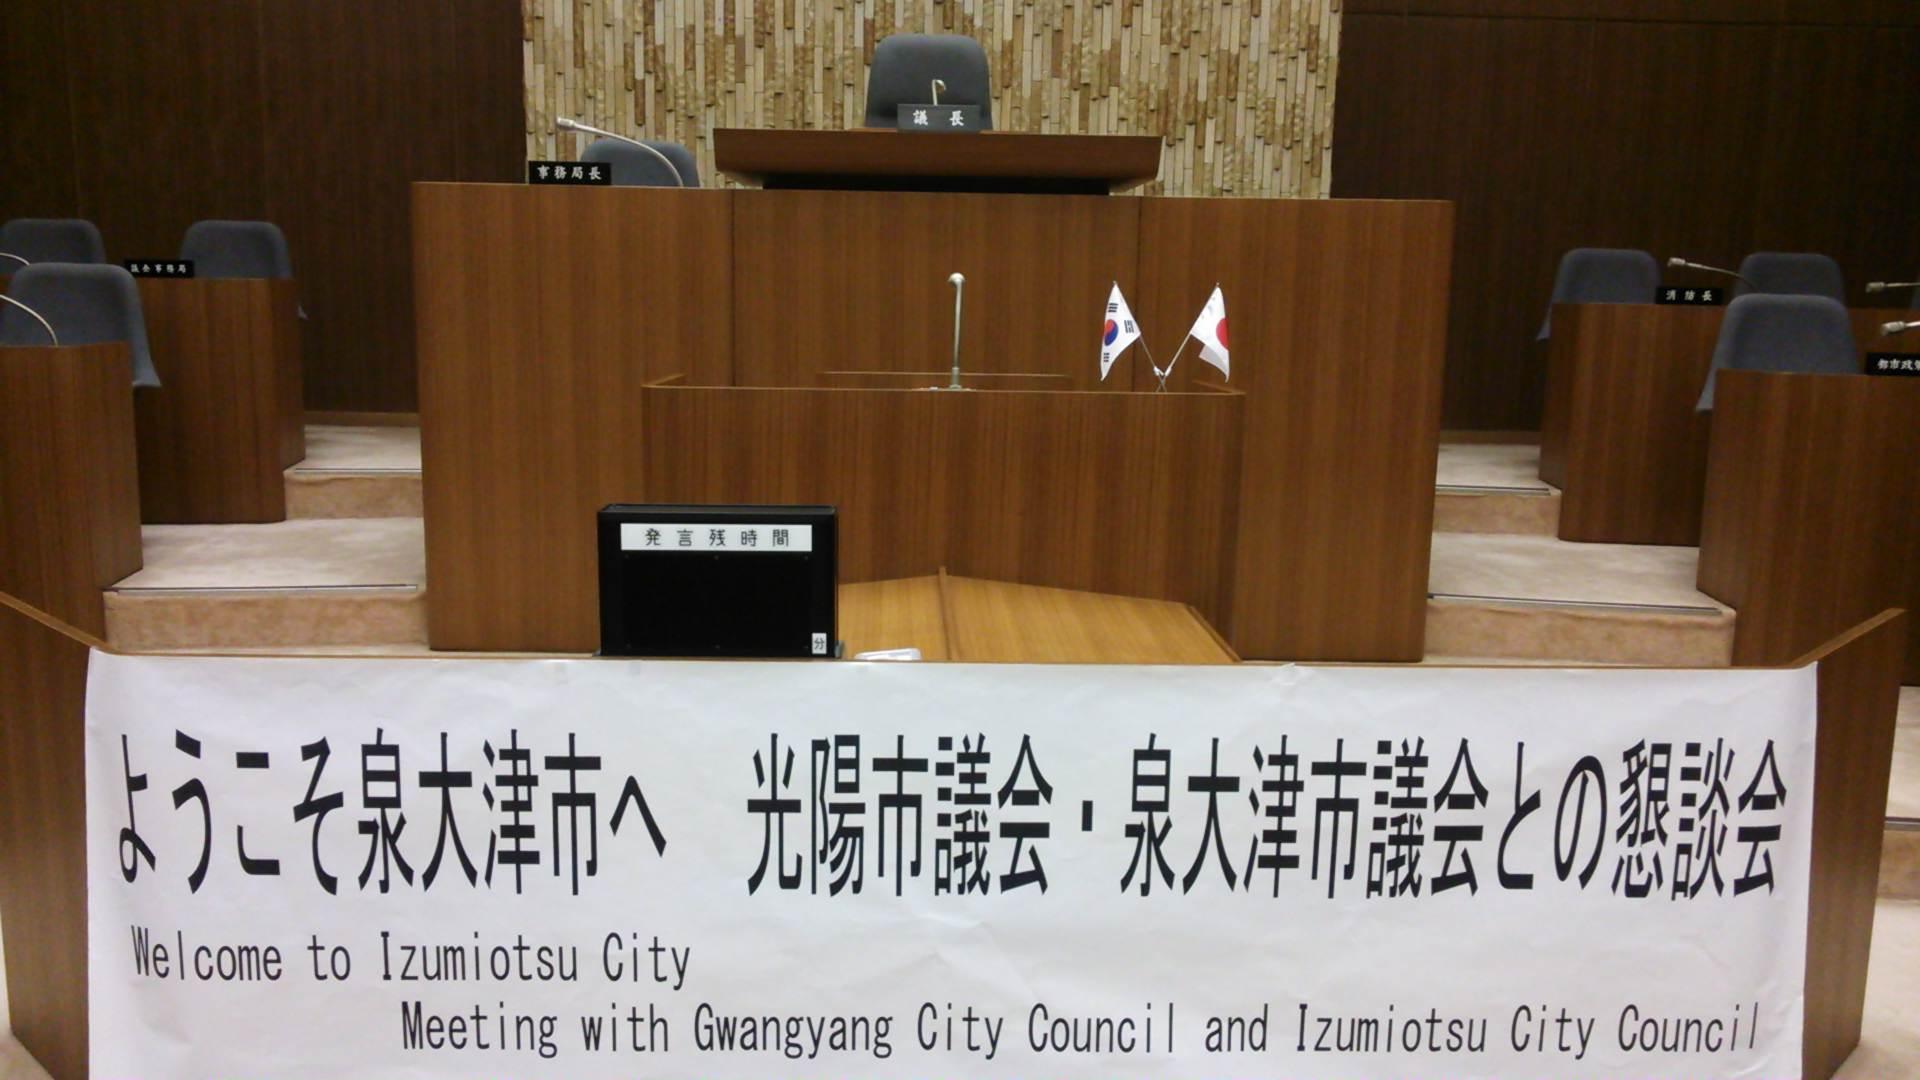 韓国・光陽市議会との懇談会